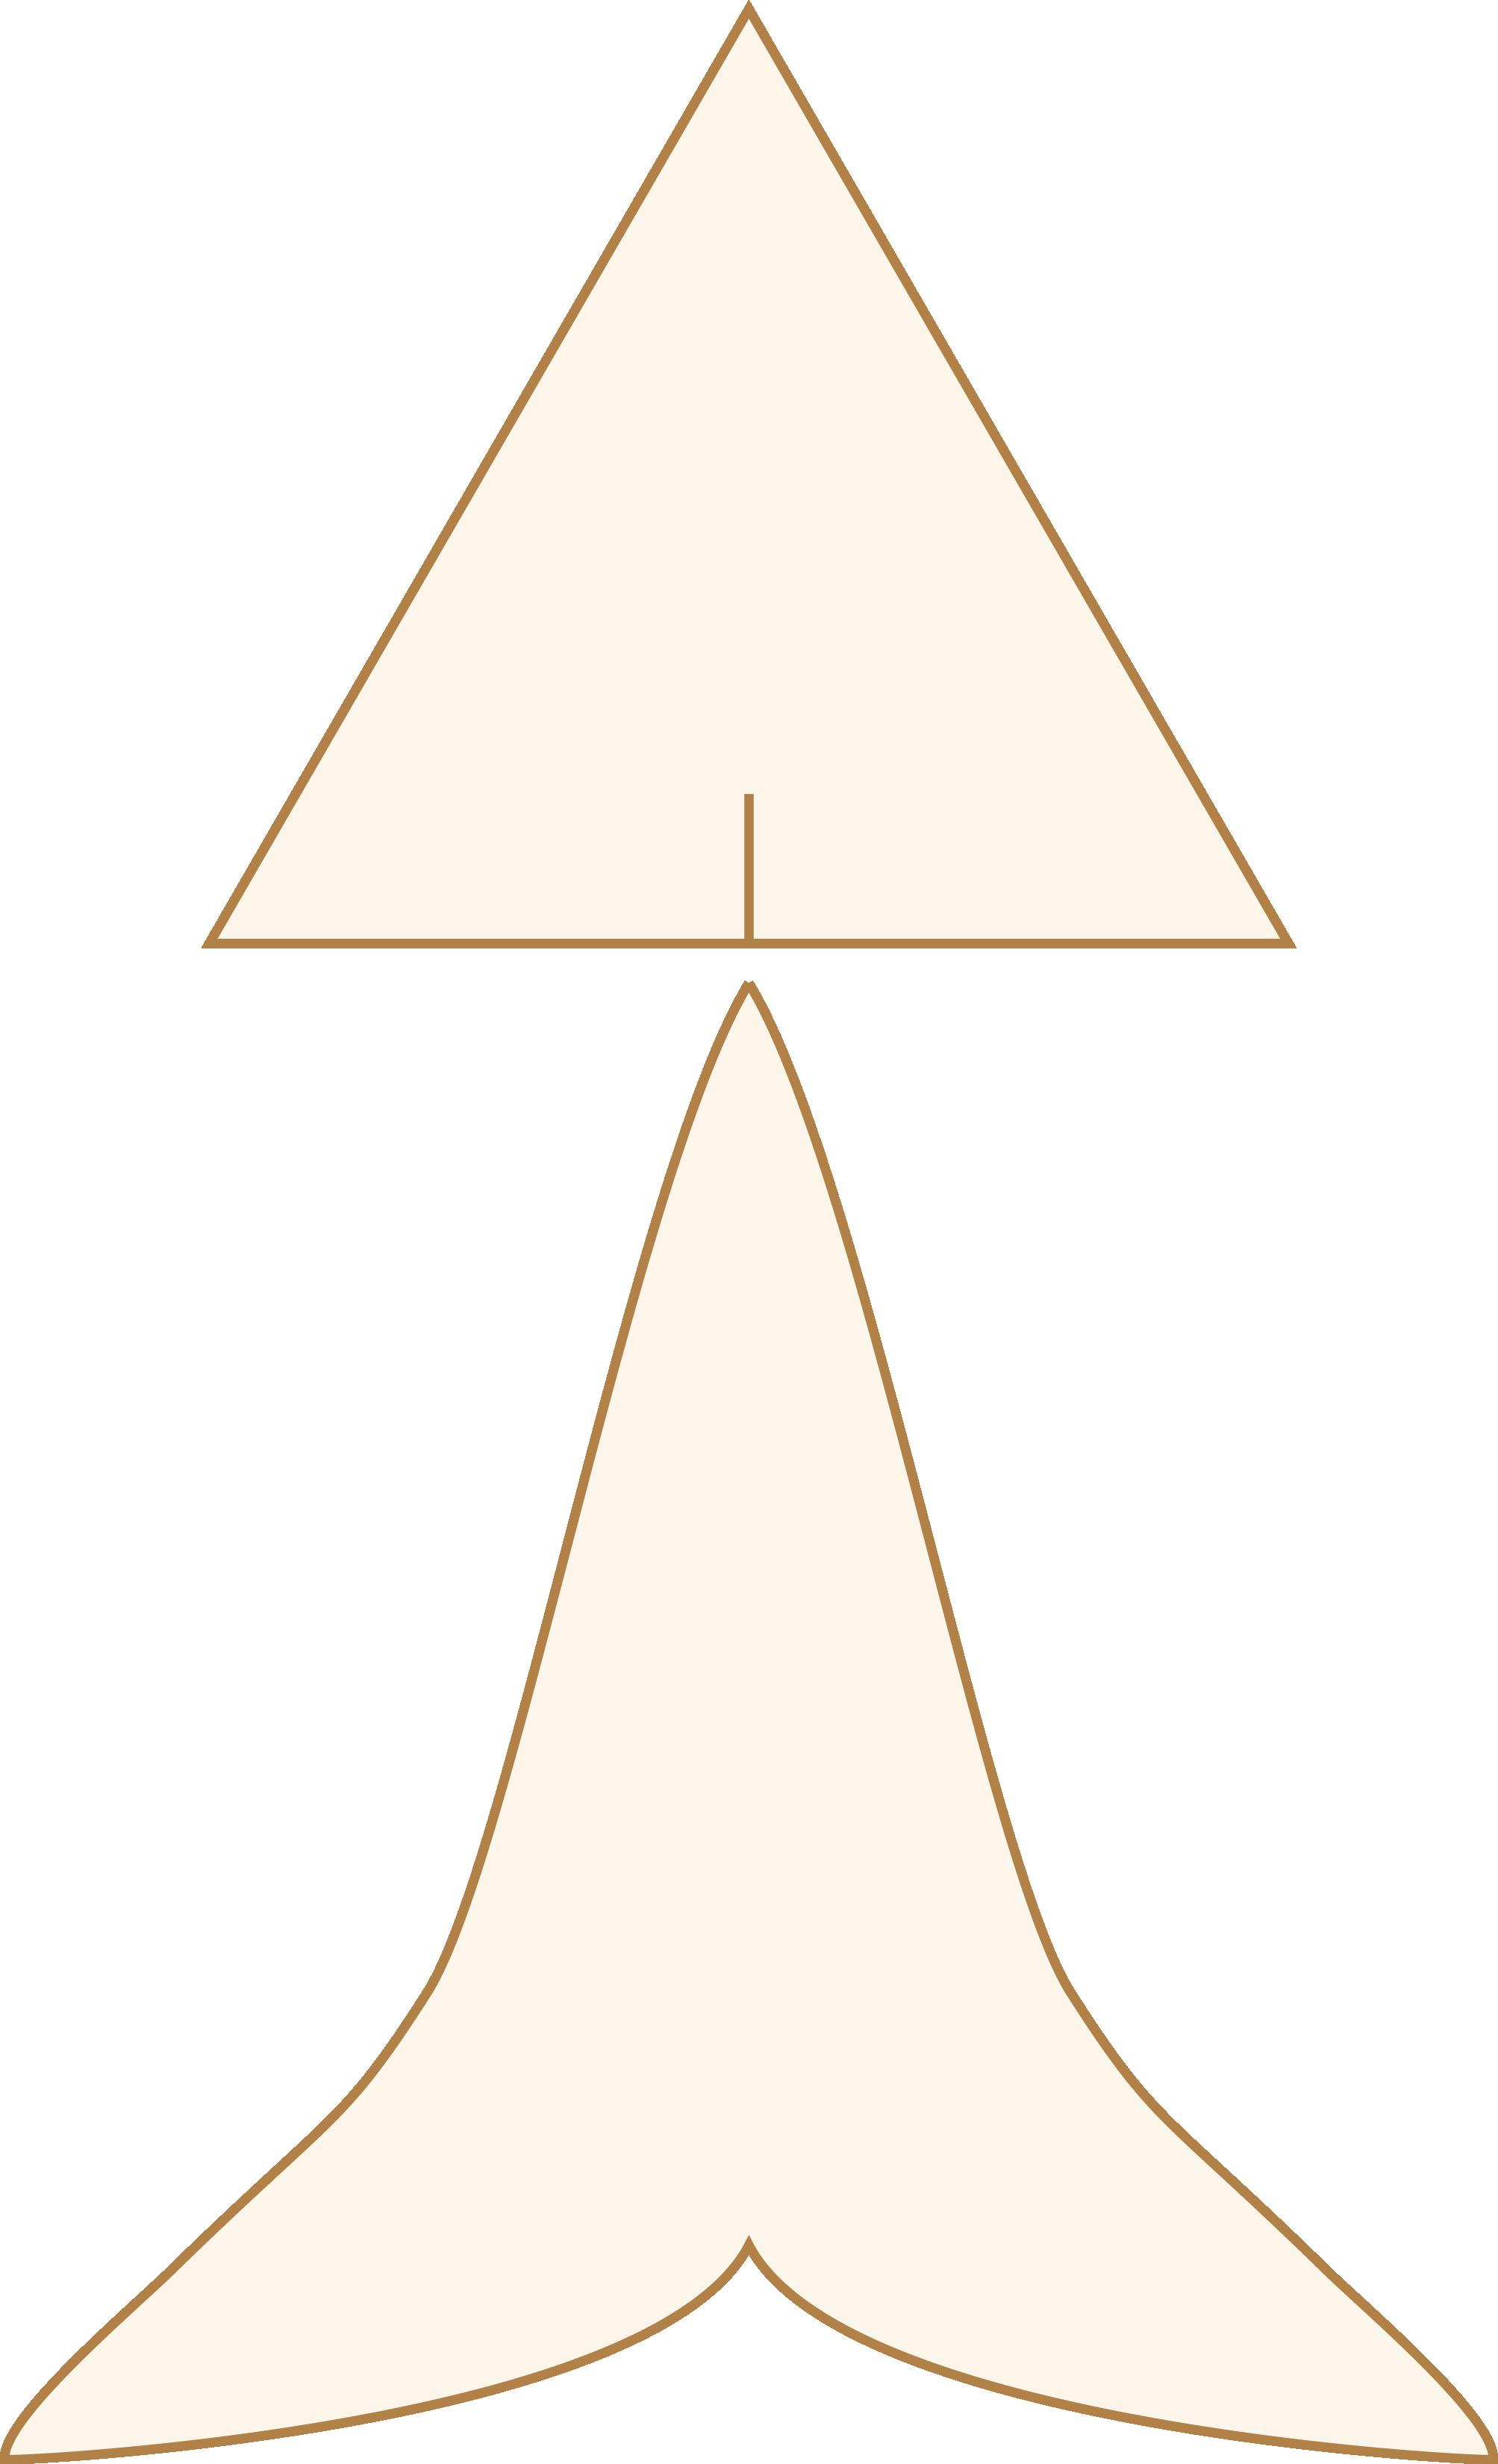 正三角形を下のような形に伸ばします